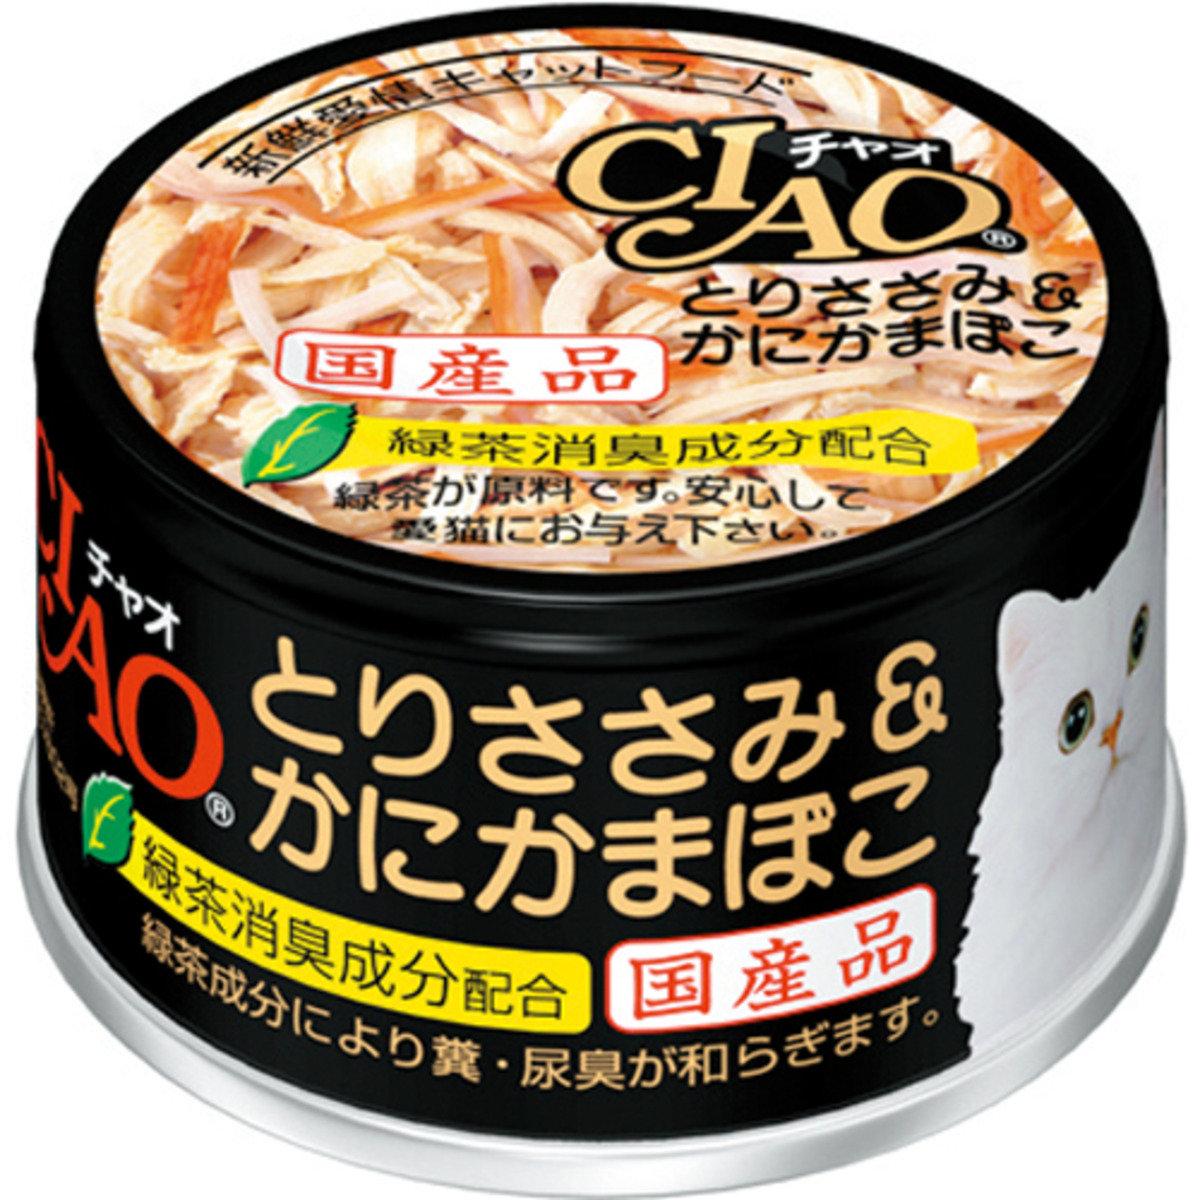 日本CIAO綠茶雞肉蟹柳 C-13